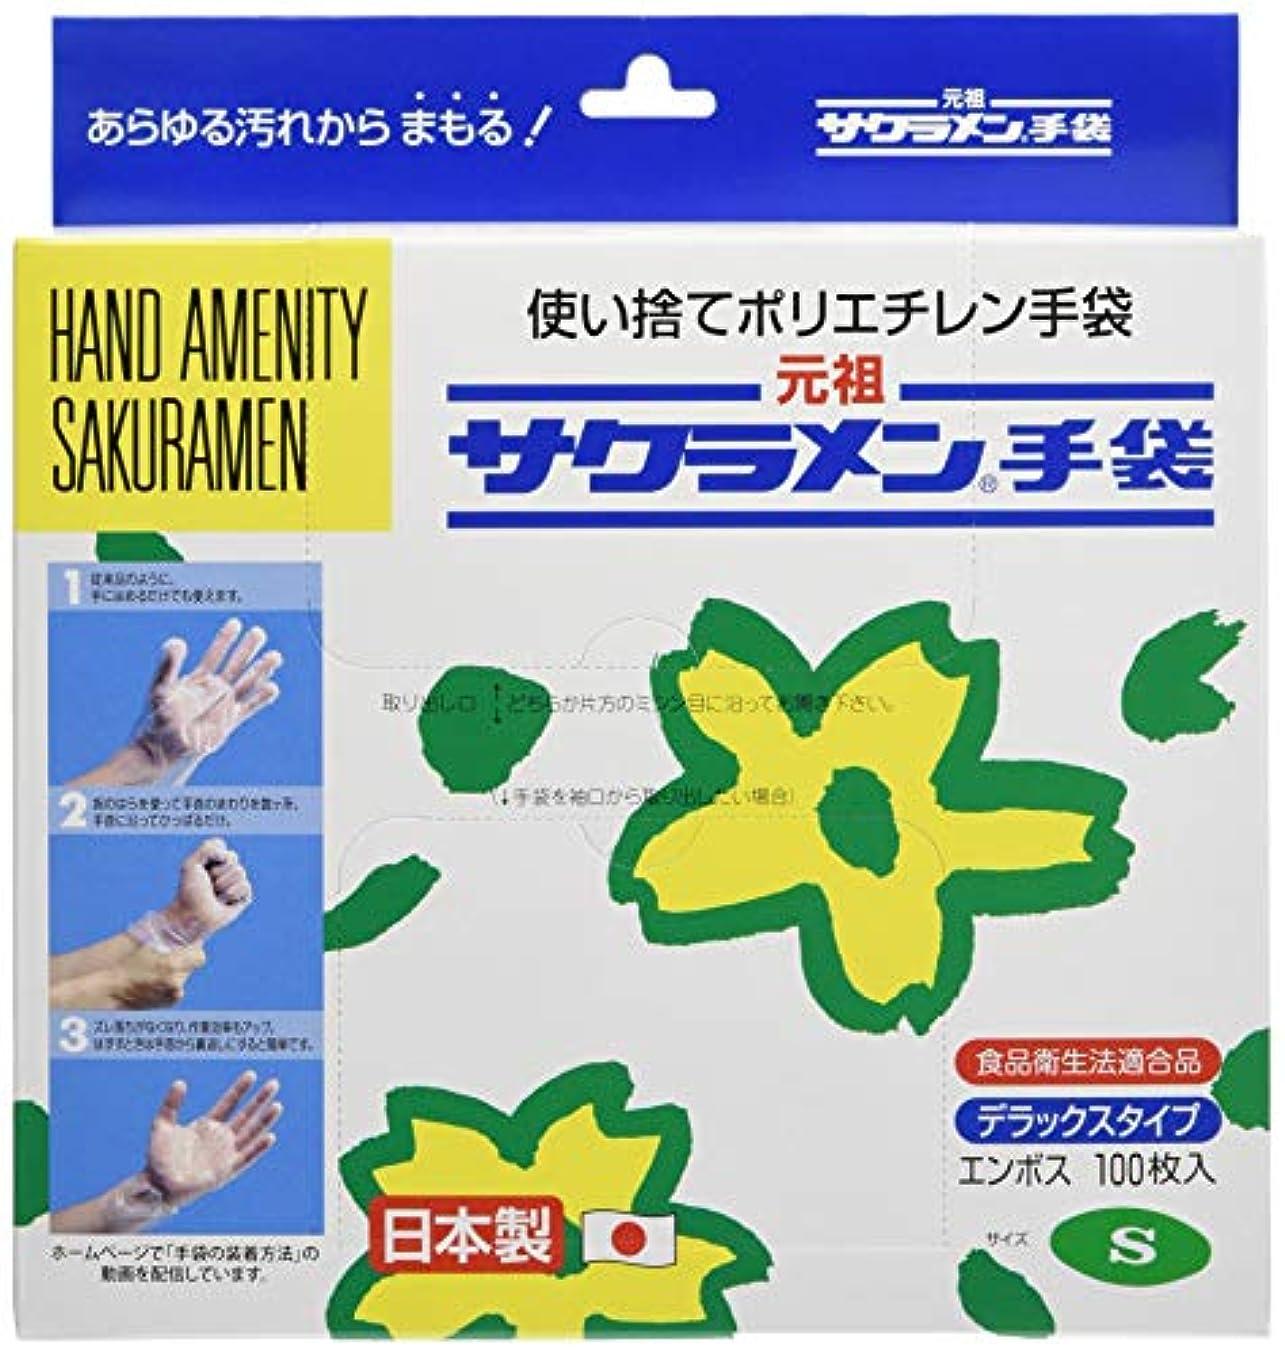 アッパー各比類なきサクラメン手袋 デラックス(100枚入)S ピンク 35μ